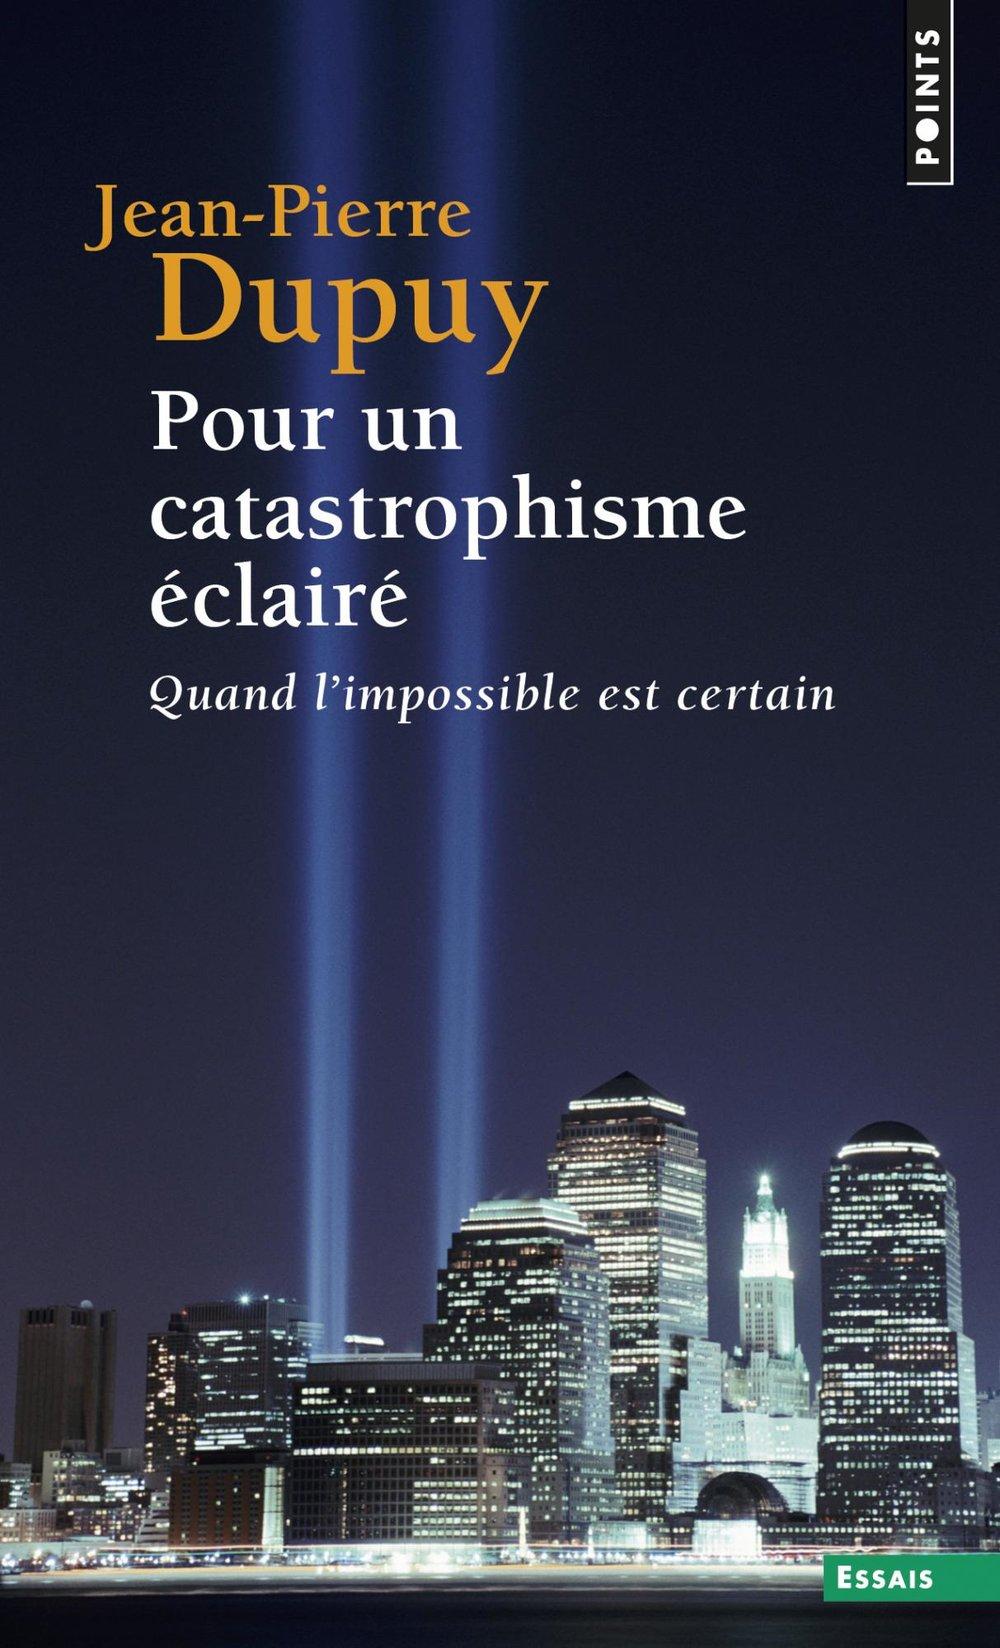 Pour un catastrophisme éclairé,Quand l'impossible est certain  - Jean-Pierre Dupuy